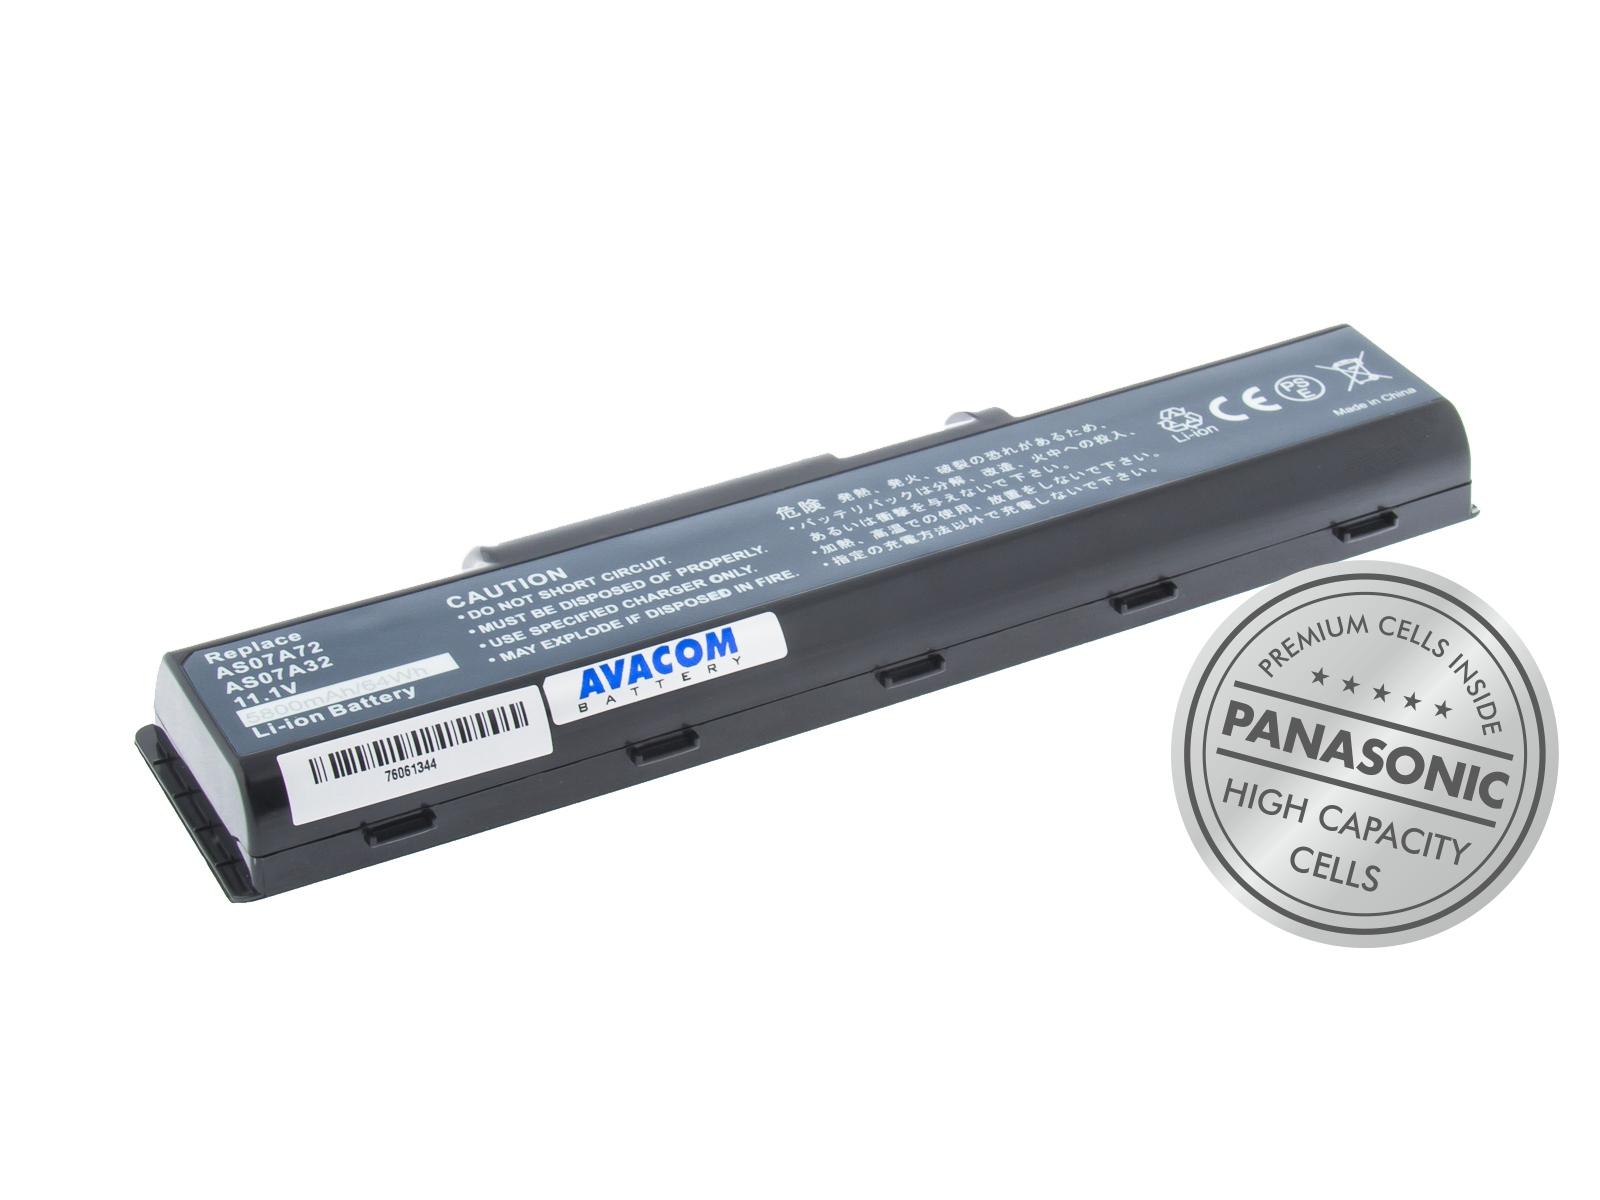 Náhradní baterie AVACOM Acer Aspire 4920/4310, eMachines E525 Li-Ion 11,1V 5800mAh/64Wh